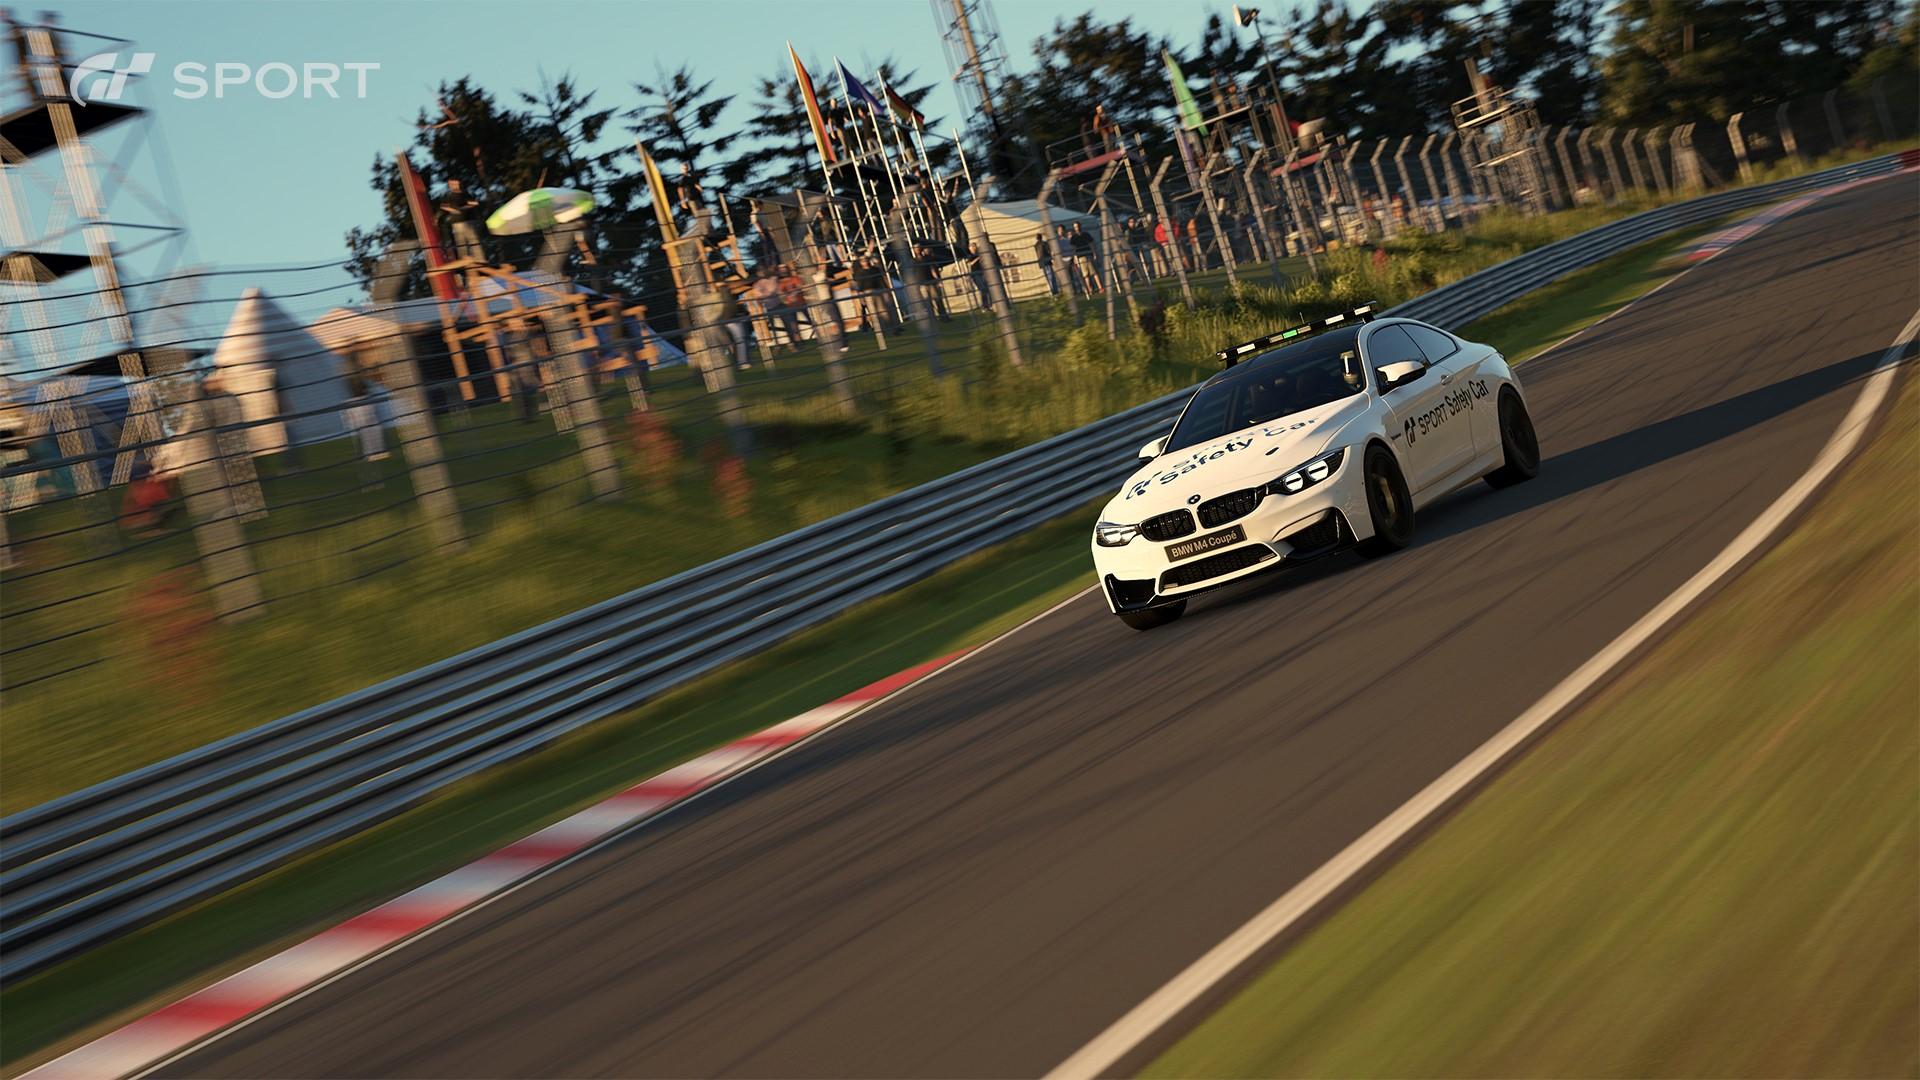 Auto motor und sport testwertungen - Auto Motor Und Sport Testwertungen 56